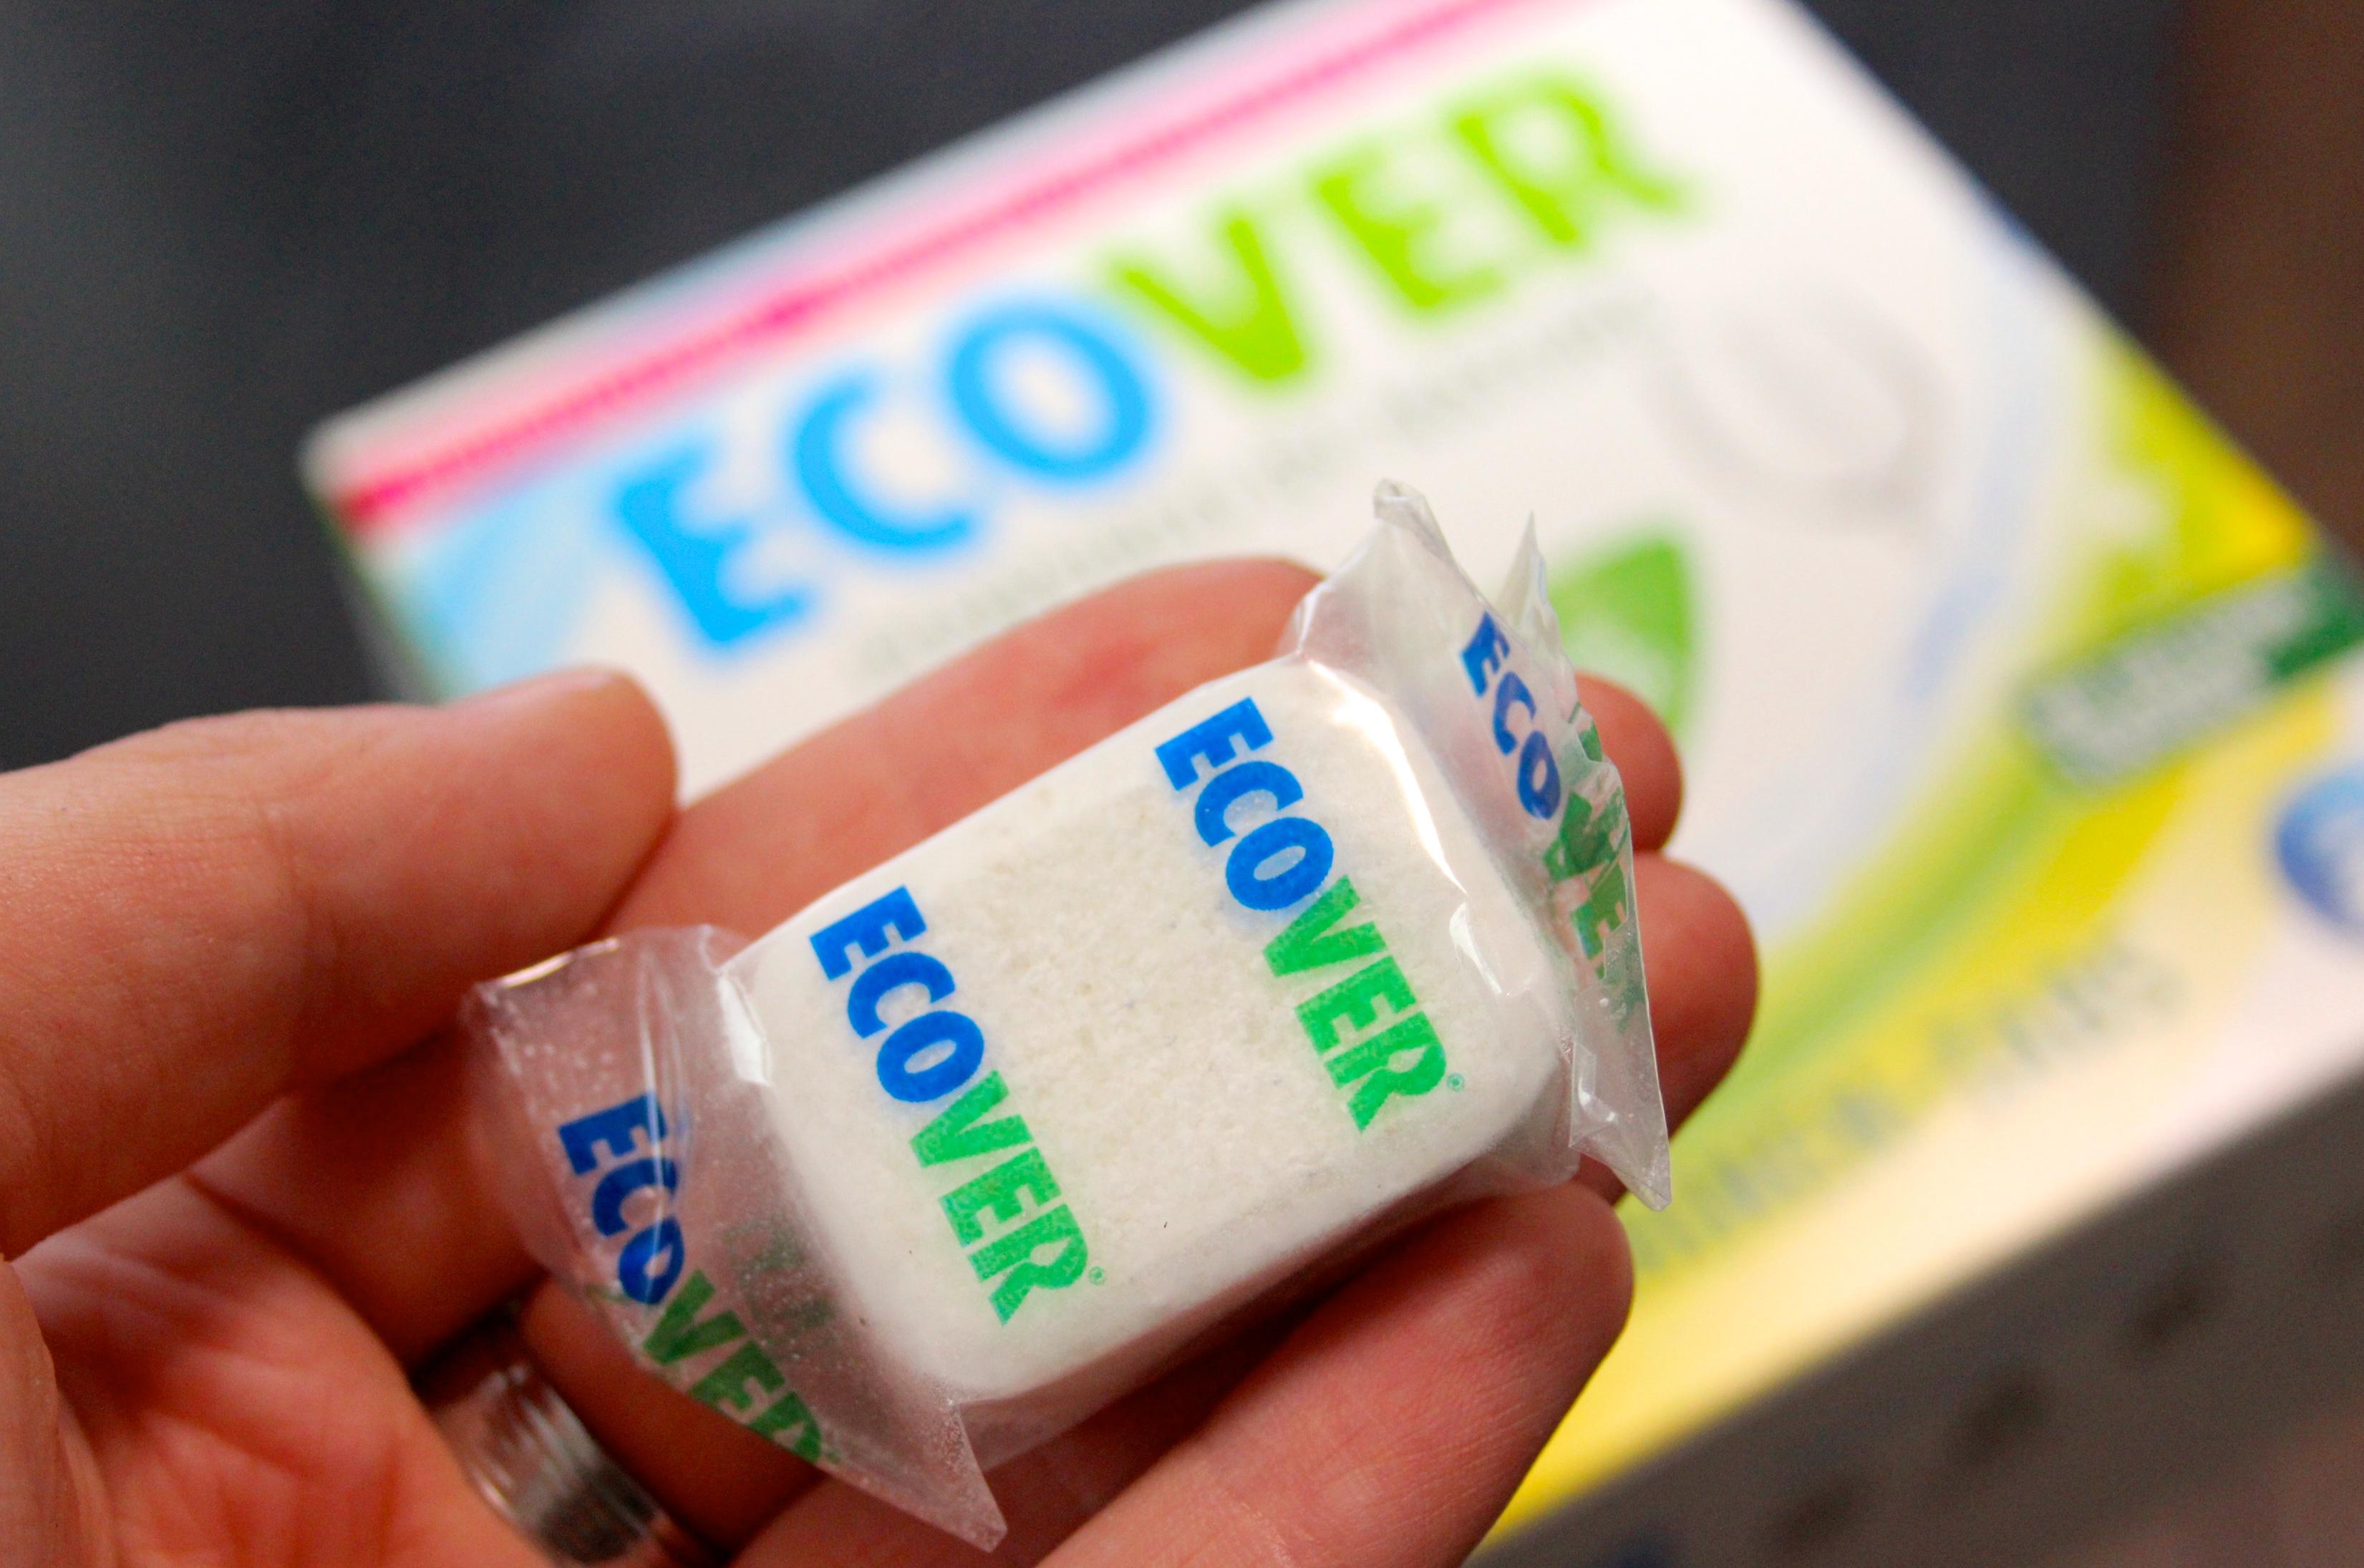 V tabletách do umývačky od ecoveru nenájdete žiadne fosfáty ani iné škodlivé chemikálie, ktoré v bežných čistiacich prostriedkoch zostávajú po umytí na riade. ( Foto: Michaela Kolimárová).